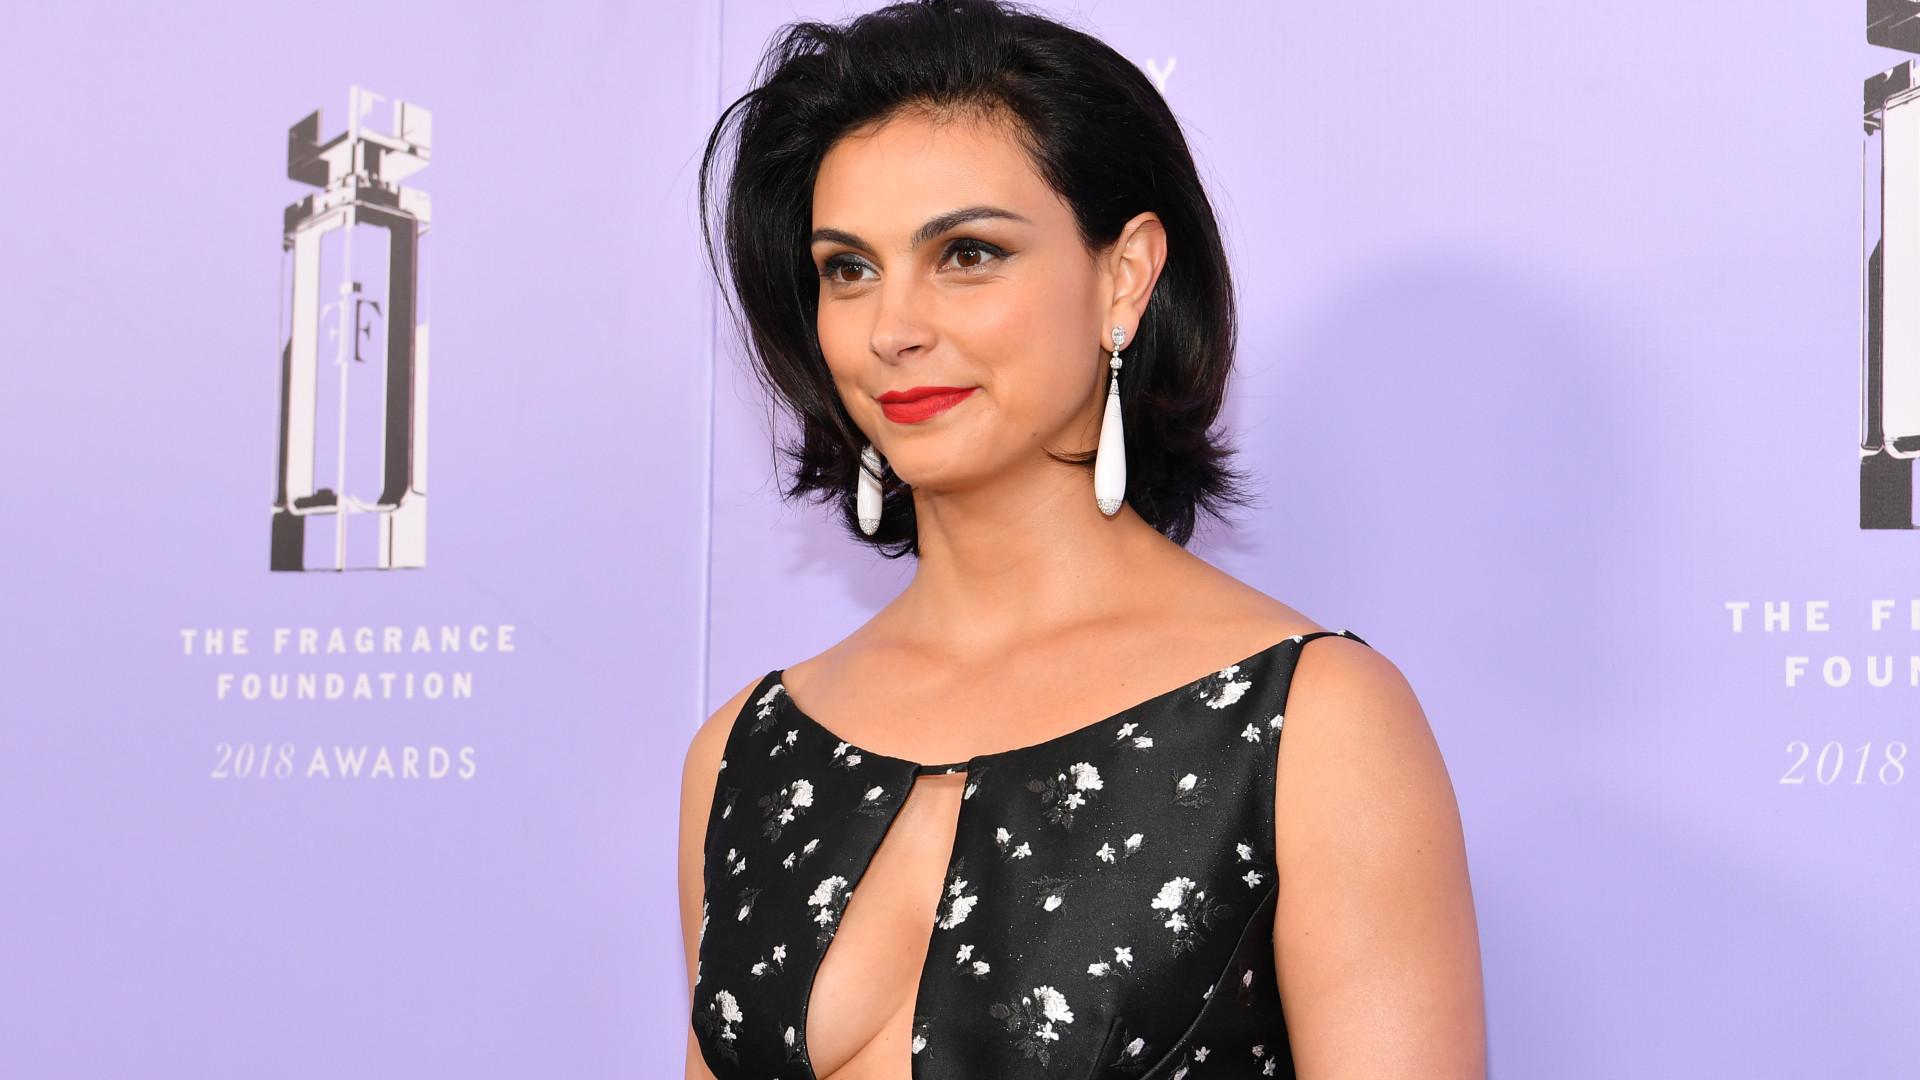 Aos 39 anos, Morena Baccarin sensualiza em evento com decote 'maroto'